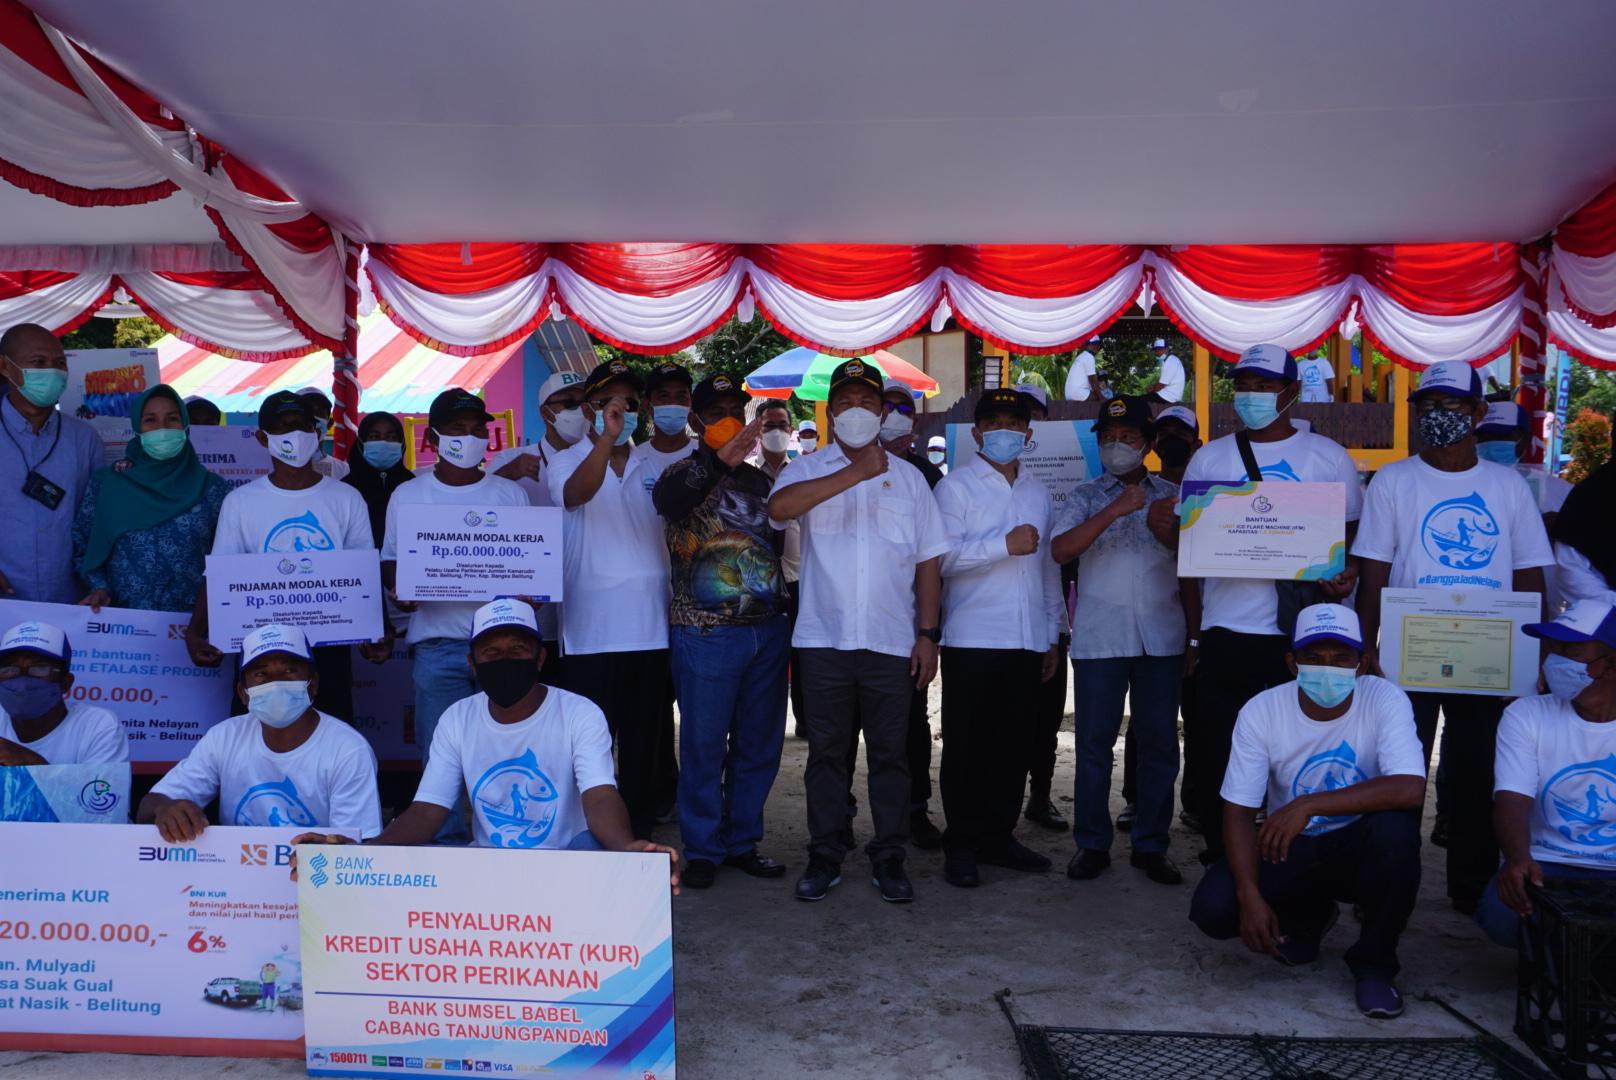 Nelayan Suak Gual Gunakan Pinjaman Beli Kapal Baru | BLU ...